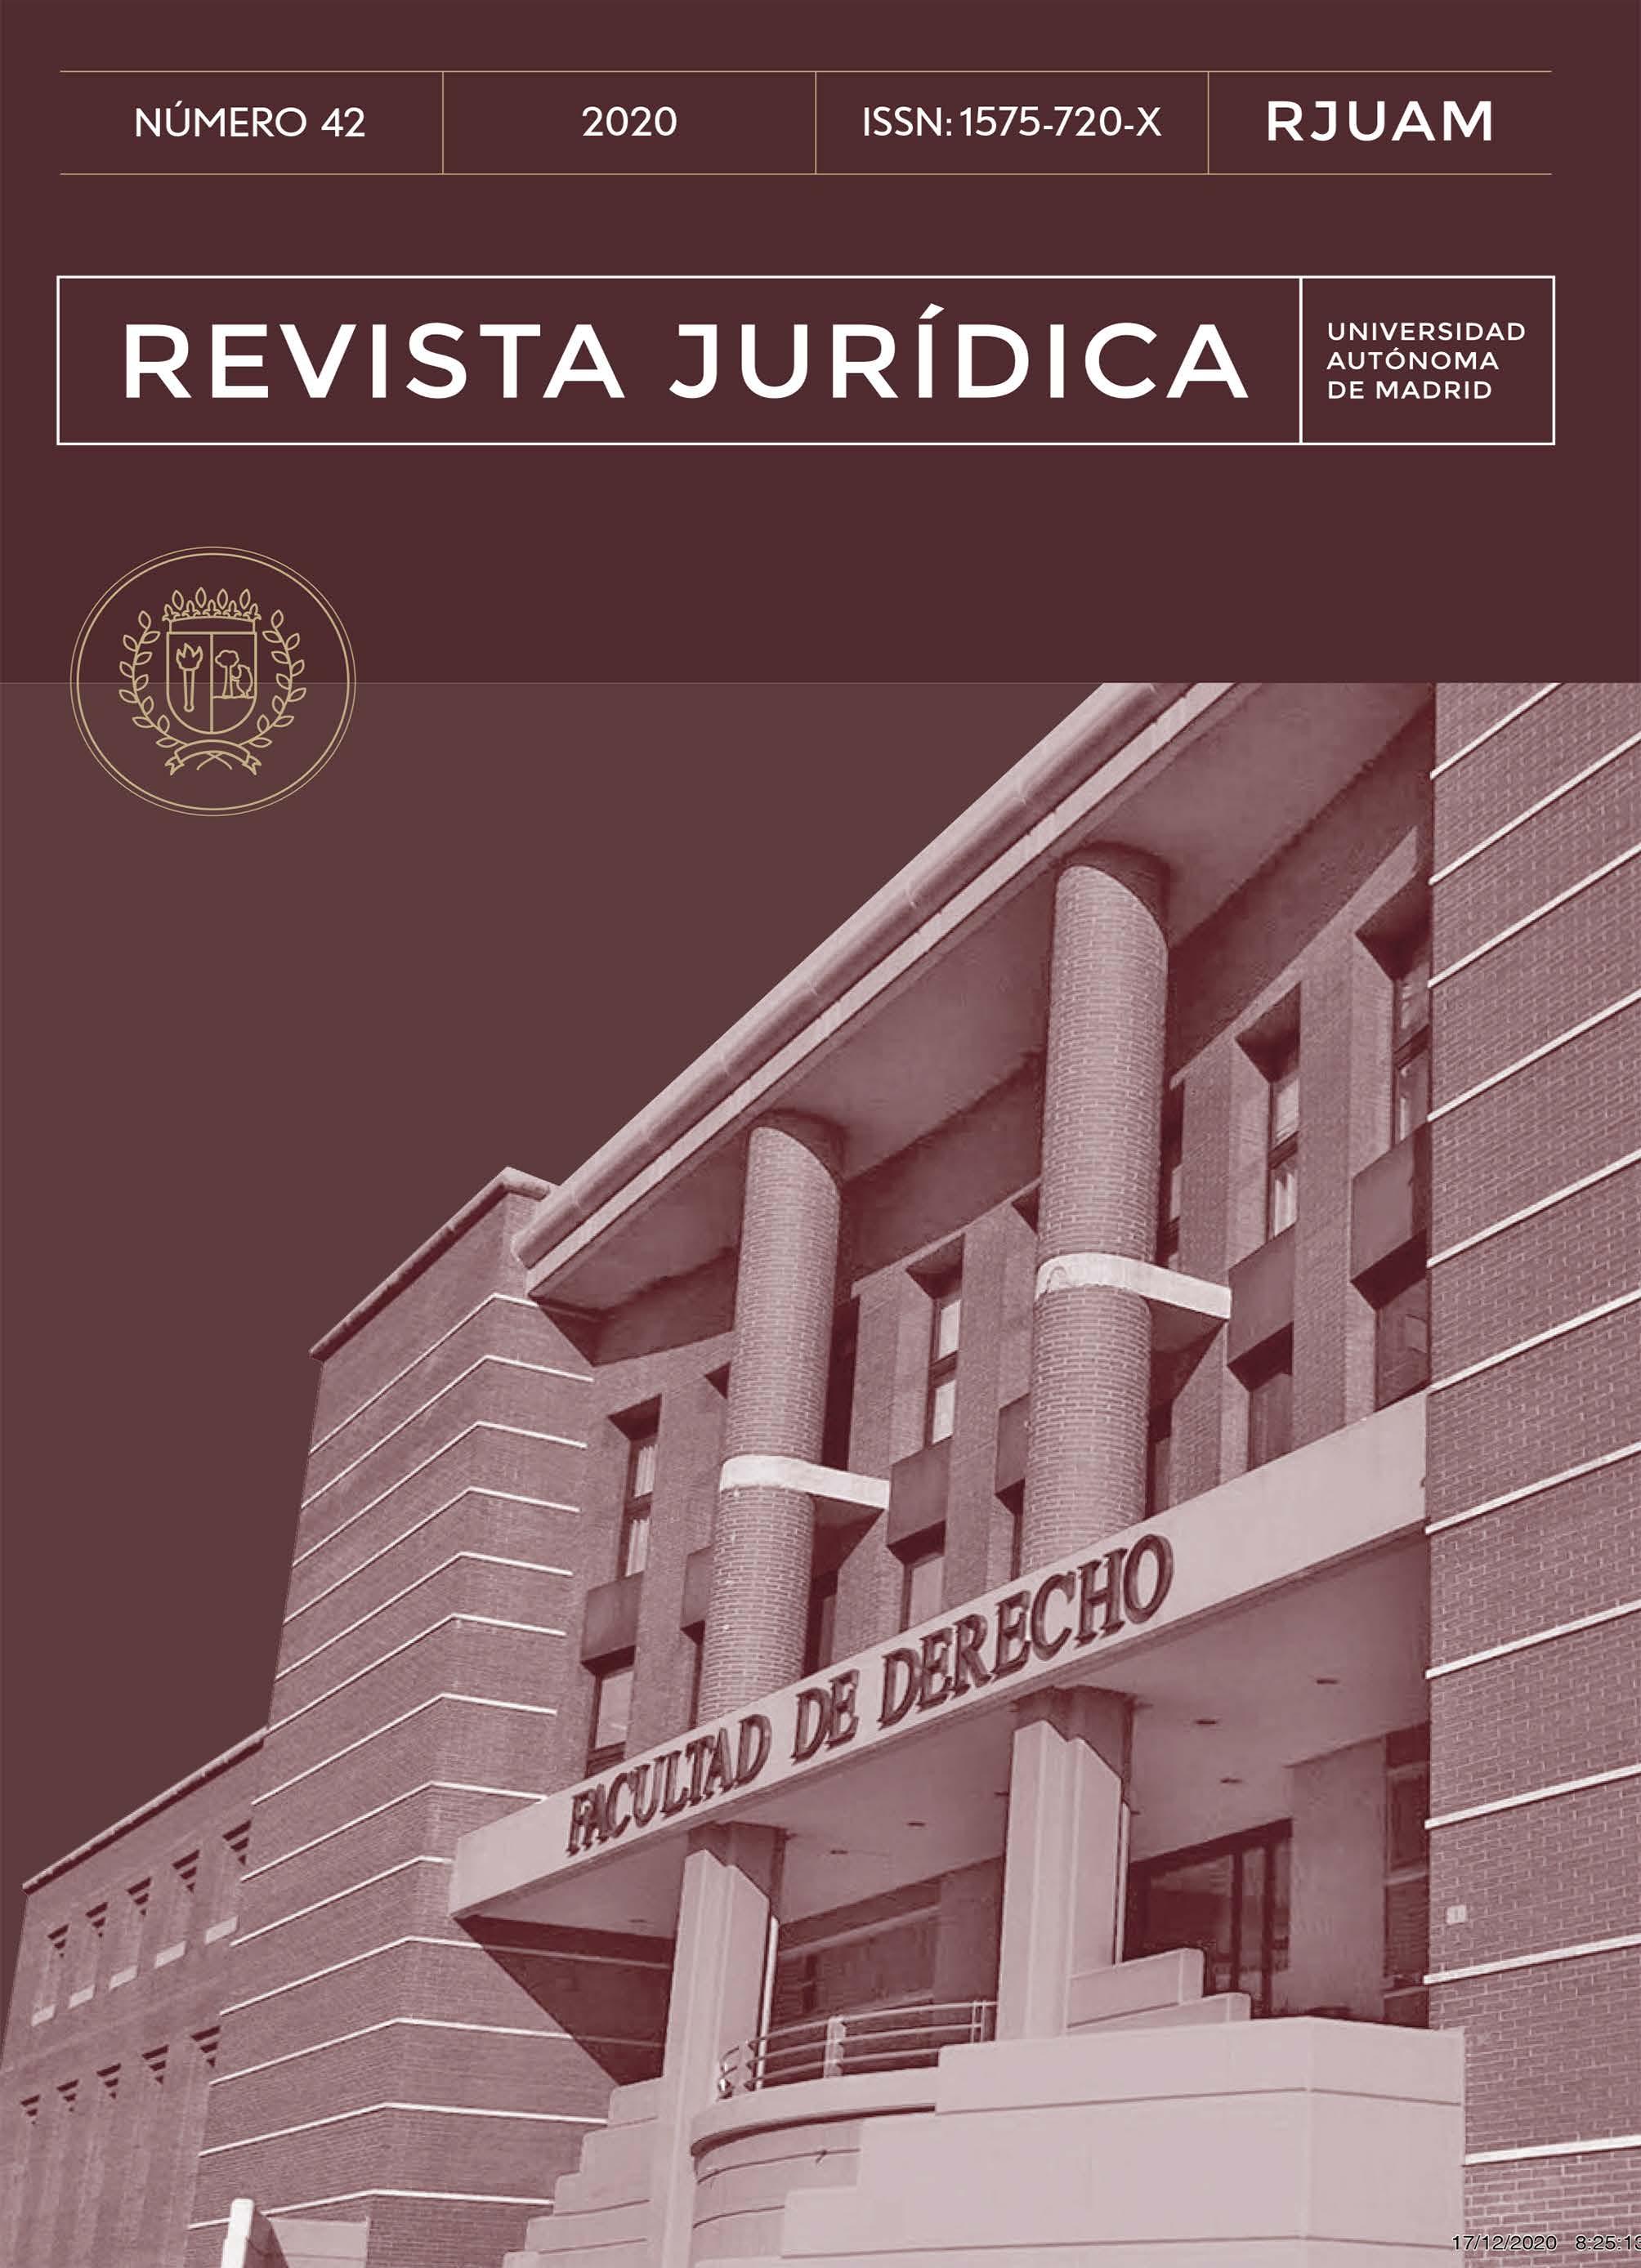 Portada del número 42 de la Revista Jurídica de la Universidad Autónoma de Madrid